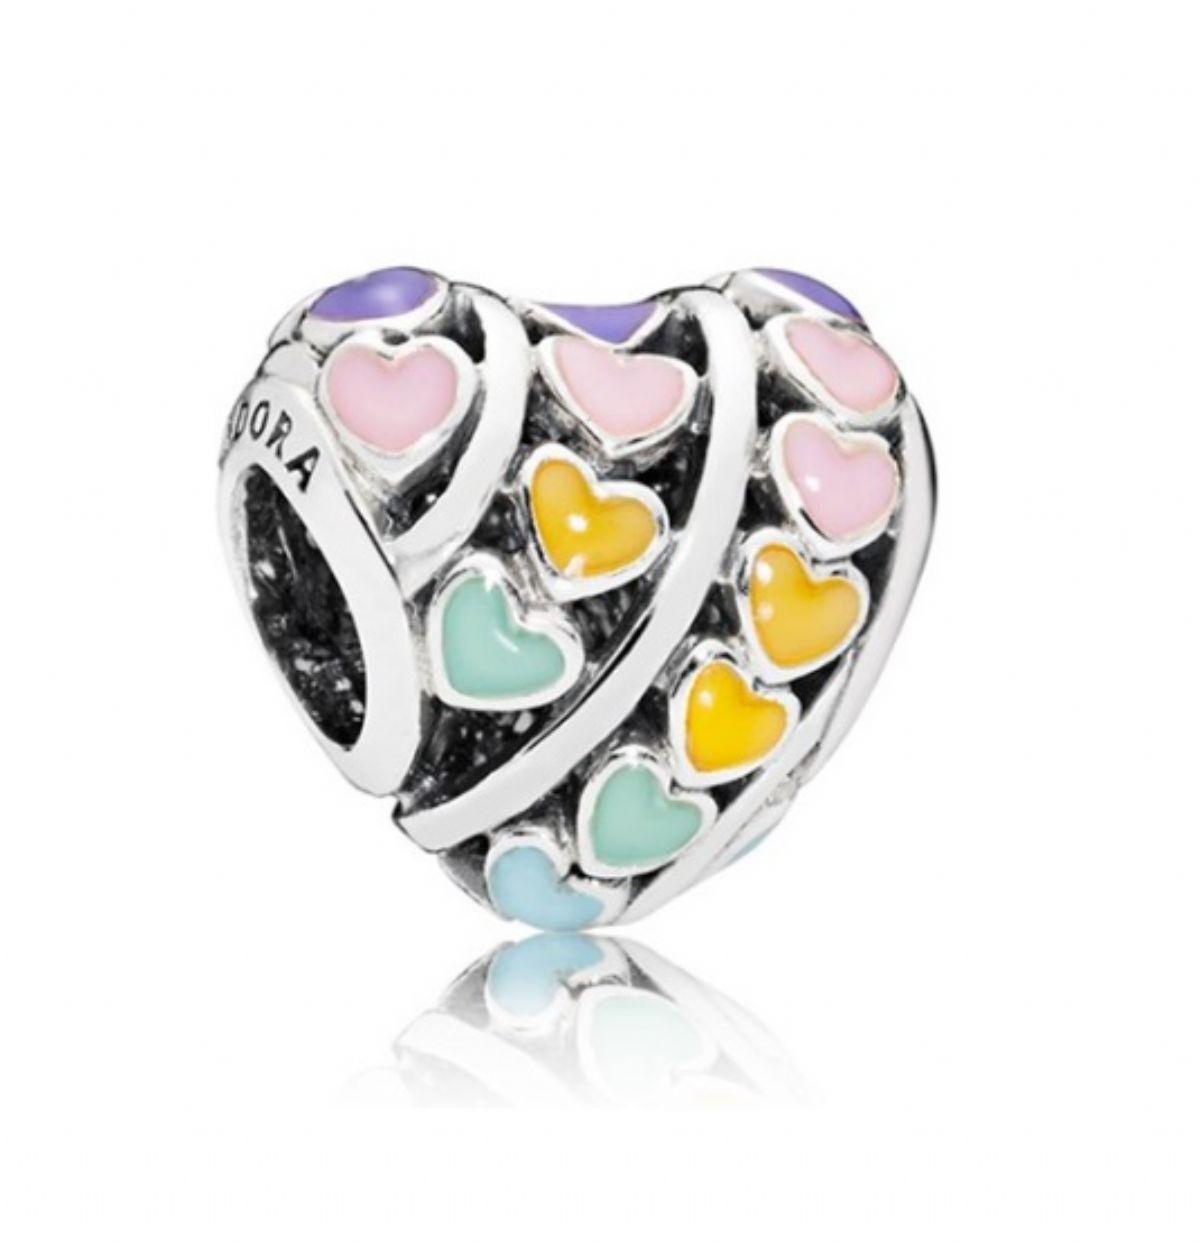 43337f884770 ... Stříbrný korálek Pandora - Barevná srdce 1 2 ...